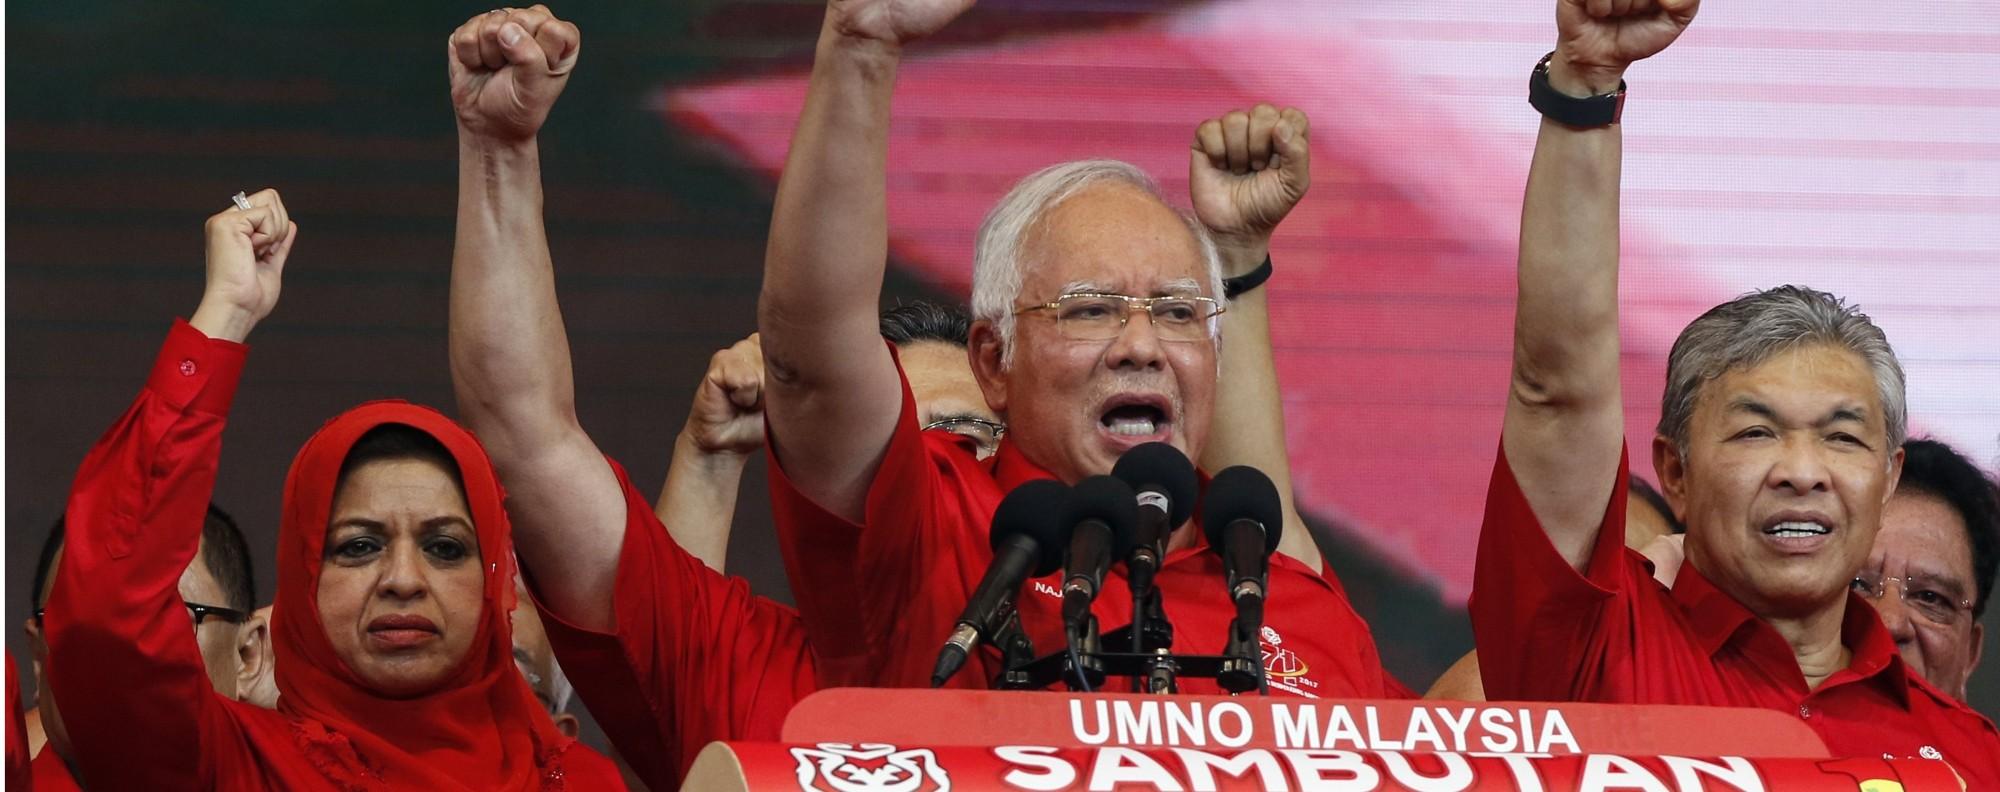 Najib Razak and Umno supporters. Photo: EPA